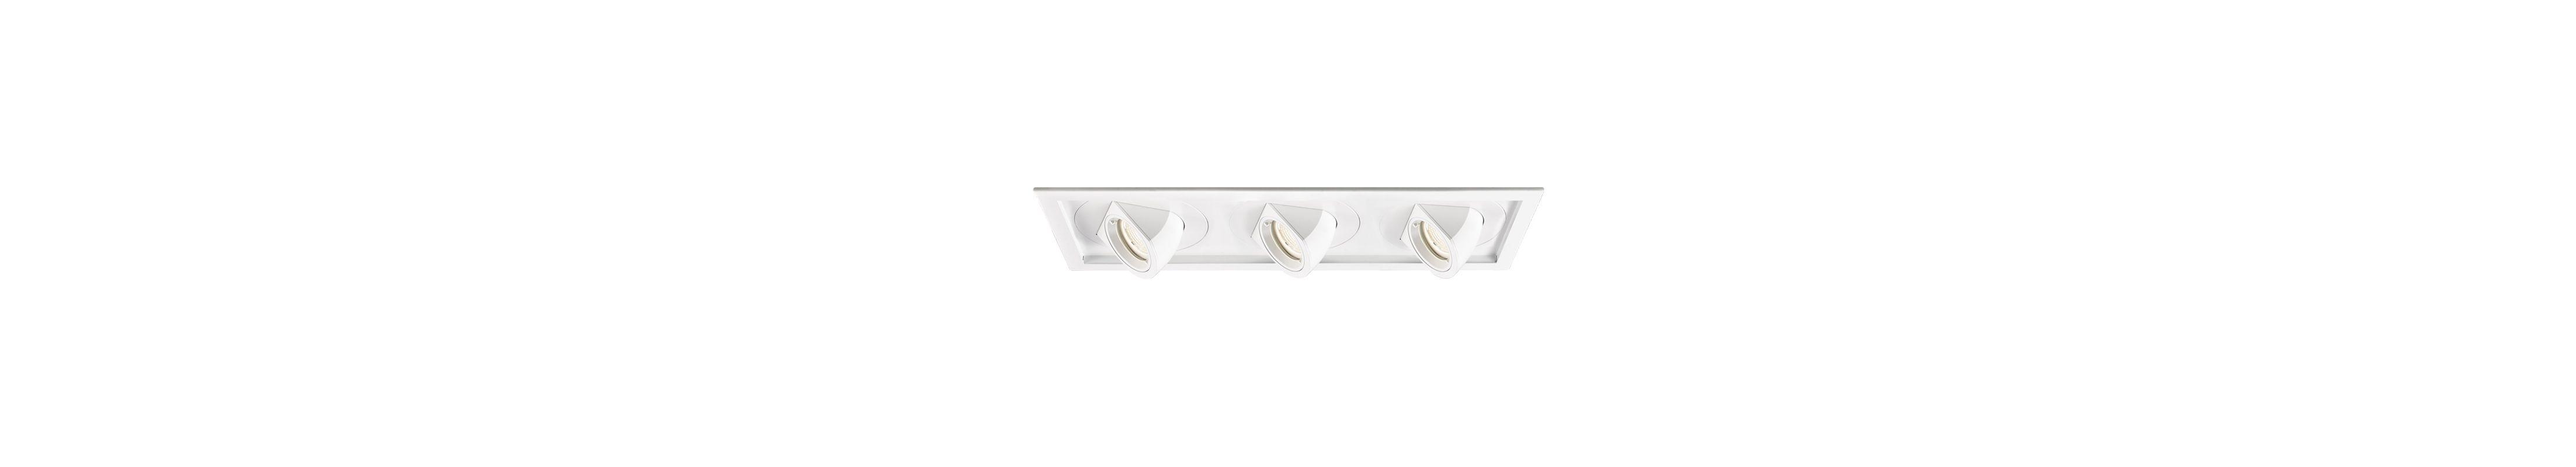 WAC Lighting MT-5LD325T-S30 Multiple Spot 3000K High Output LED Sale $351.00 ITEM#: 2426924 MODEL# :MT-5LD325T-S30-WT UPC#: 790576278643 :